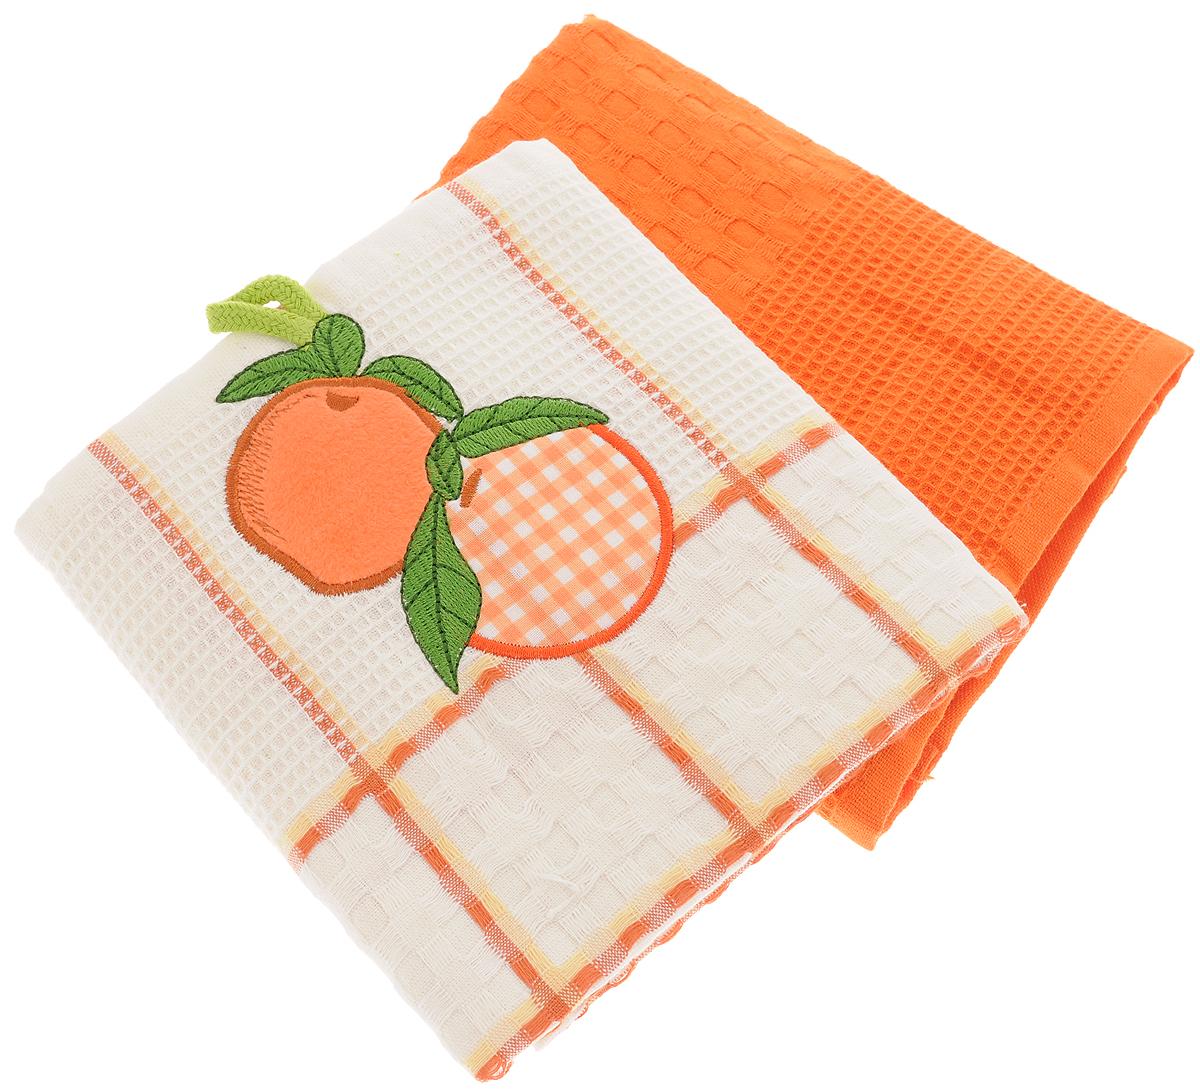 Набор кухонных полотенец Bonita Апельсин, цвет: белый, терракот, 45 х 70 см, 2 шт1004900000360Набор кухонных полотенец Bonita Апельсин состоит из двух полотенец, изготовленный из натурального хлопка, идеально дополнит интерьер вашей кухни и создаст атмосферу уюта и комфорта. Одно полотенце белого цвета в терракотовую клетку оформлено вышивкой в виде апельсинов и оснащено петелькой. Другое полотенце однотонное терракотового цвета без вышивки. Изделия выполнены из натурального материала, поэтому являются экологически чистыми. Высочайшее качество материала гарантирует безопасность не только взрослых, но и самых маленьких членов семьи. Современный декоративный текстиль для дома должен быть экологически чистым продуктом и отличаться ярким и современным дизайном.